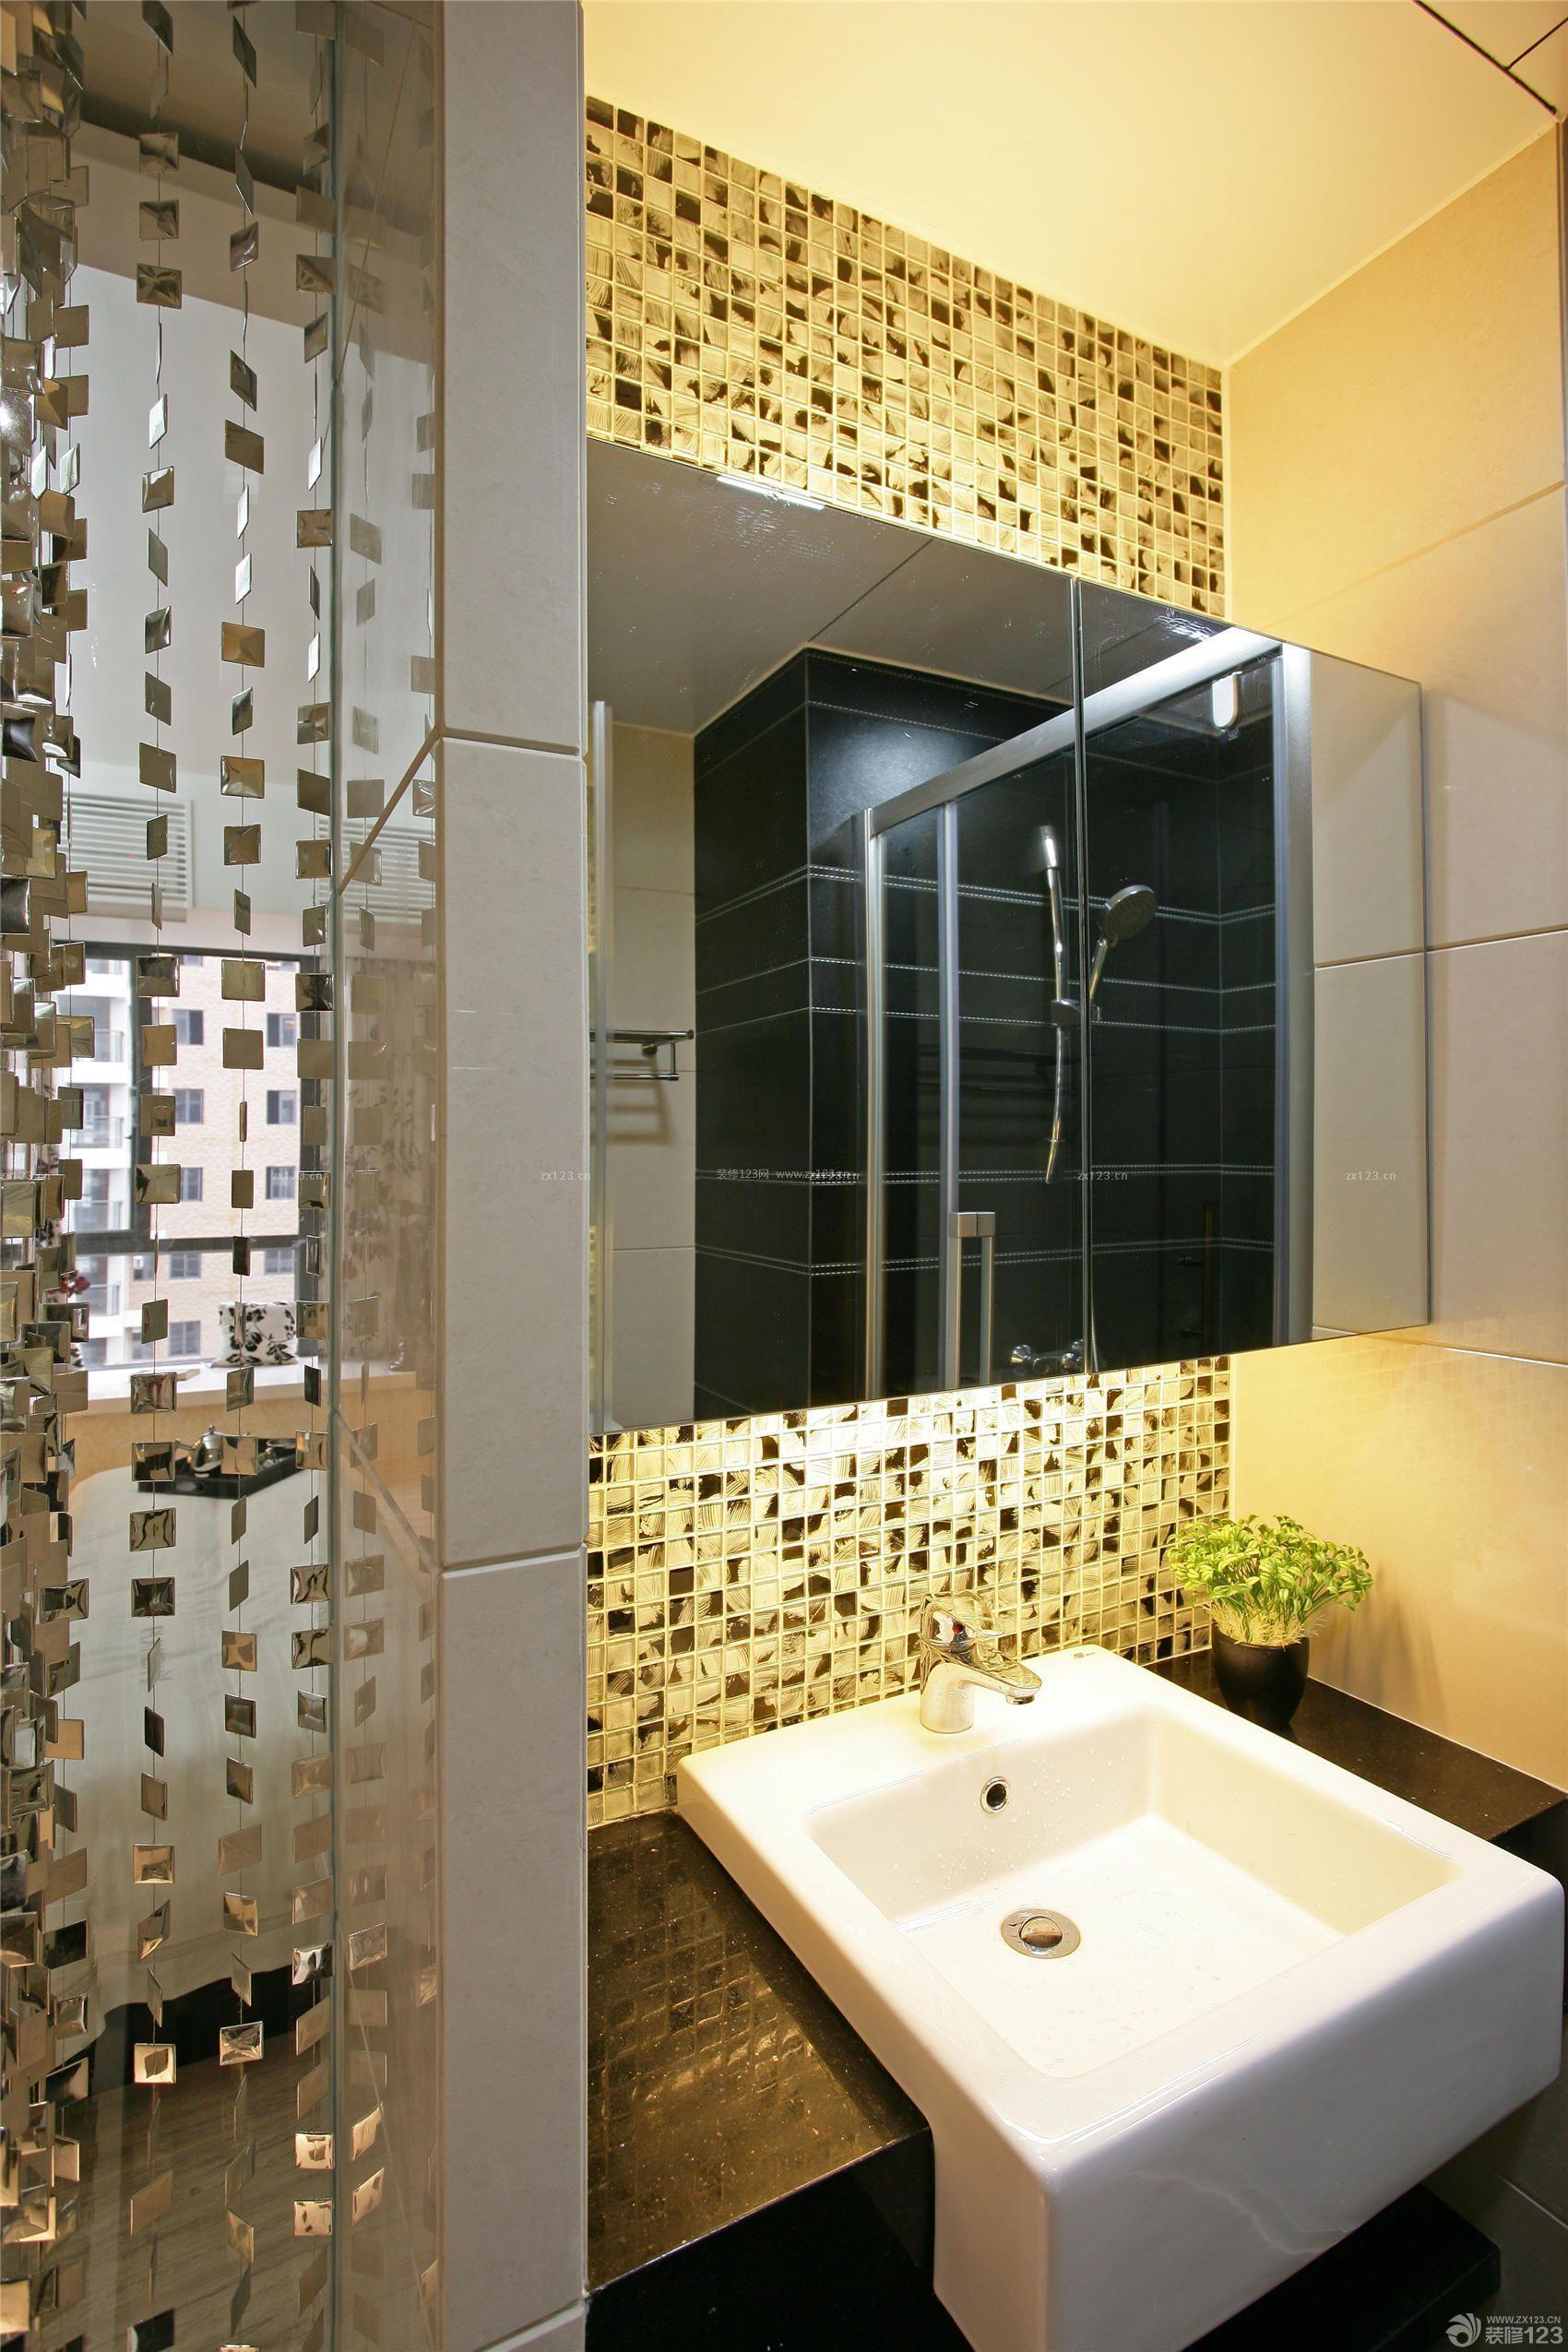 100平米浴室装修马赛克洗手盆图片